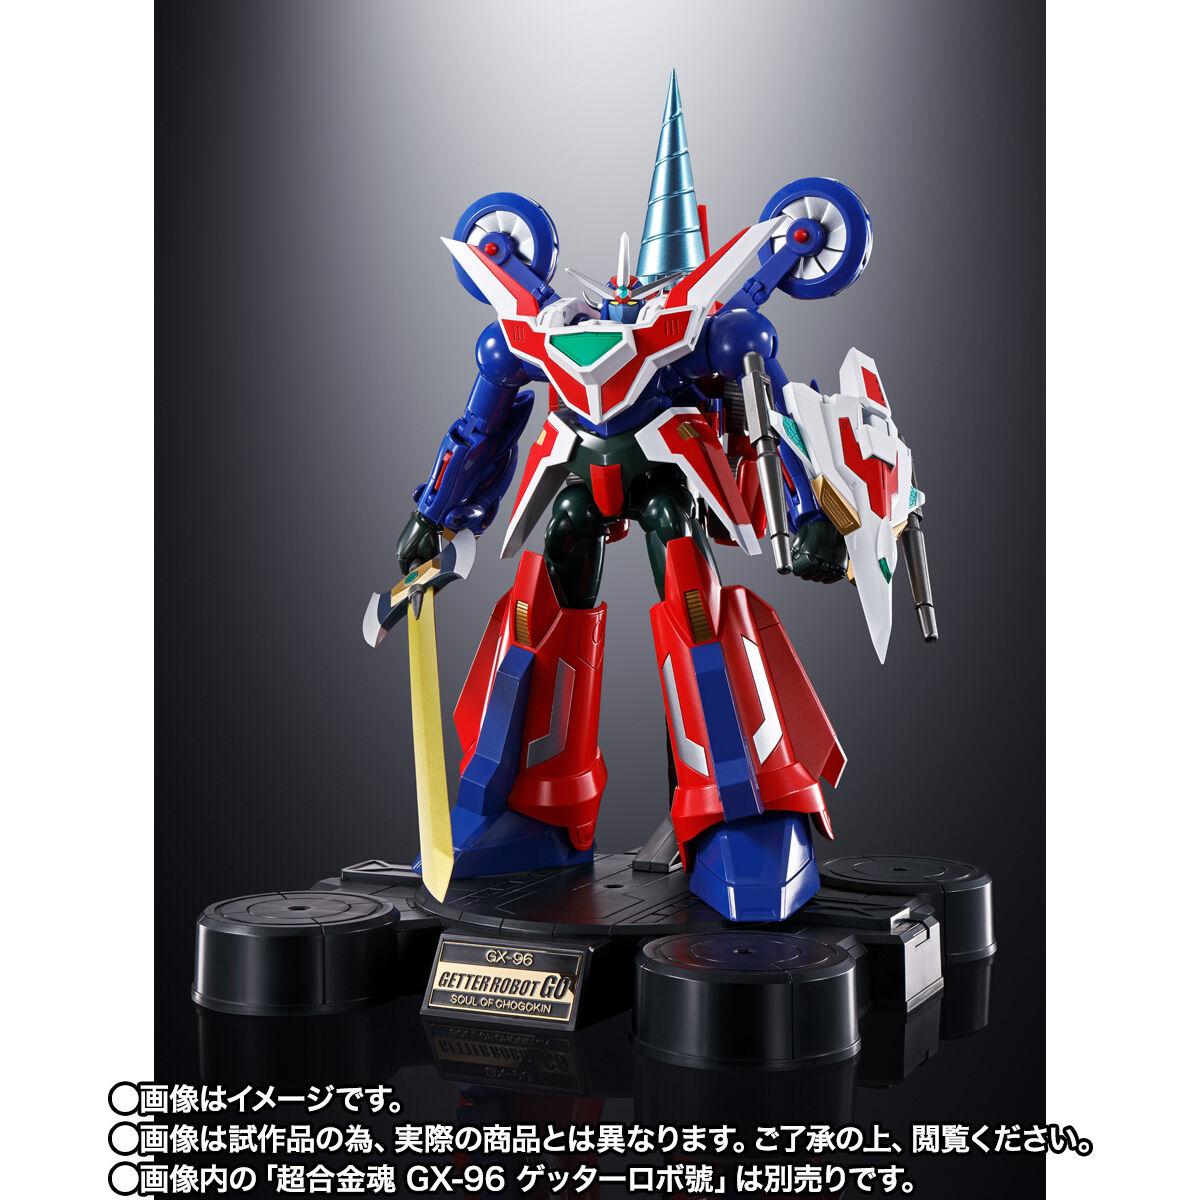 【限定販売】超合金魂『GX-96X Gアームライザー』ゲッターロボ號 可動フィギュア-006